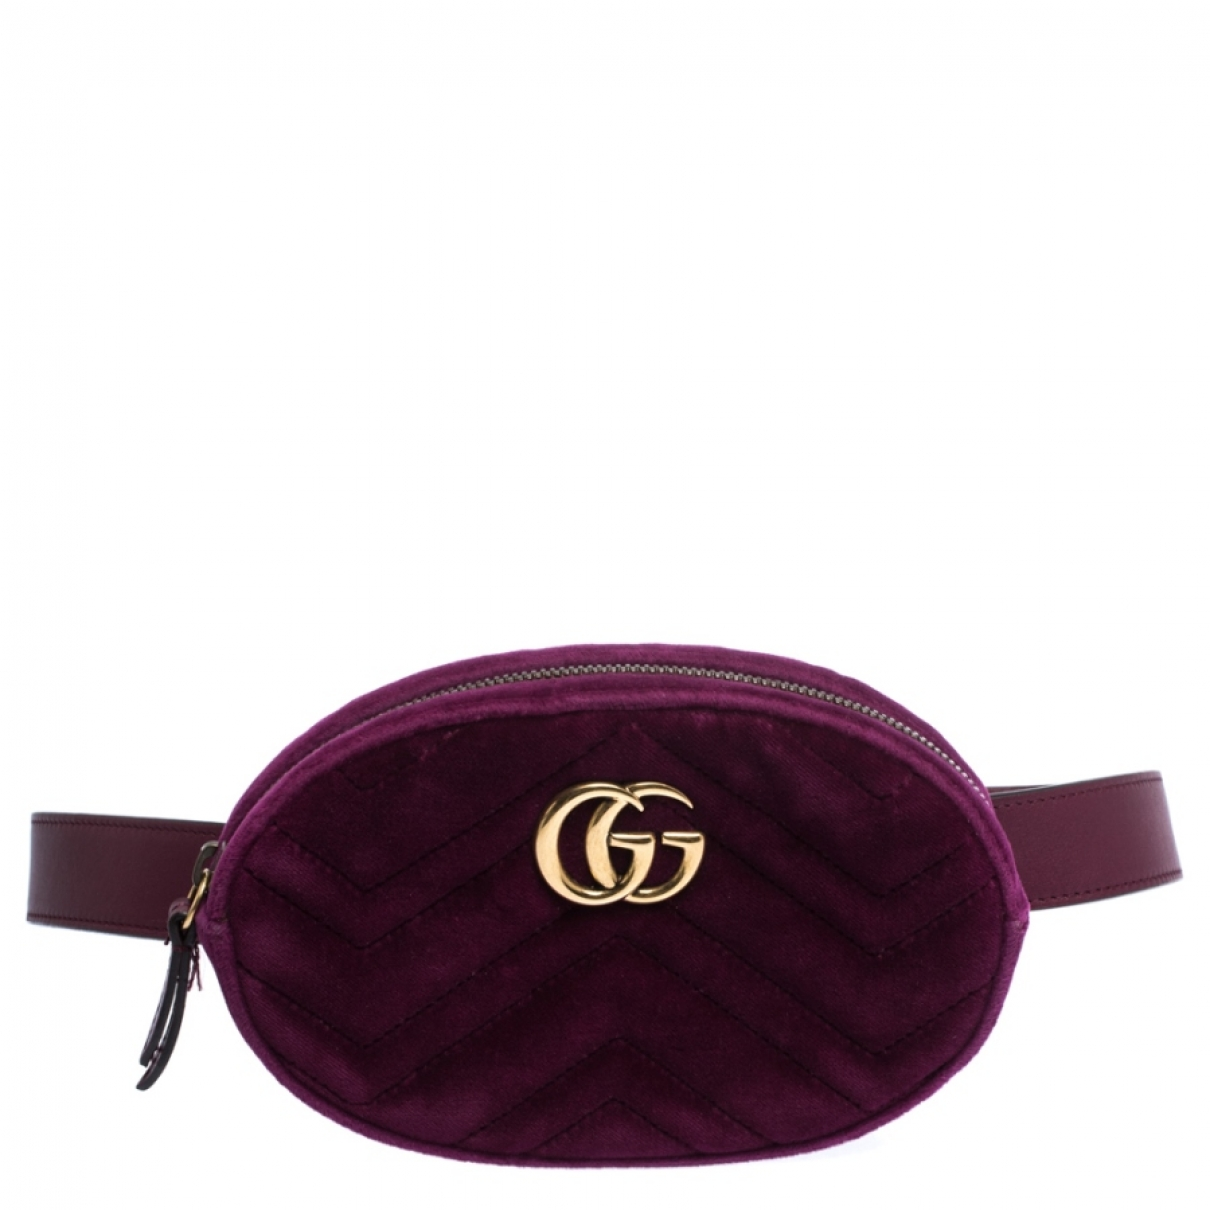 Gucci - Sac a main   pour femme en velours - violet